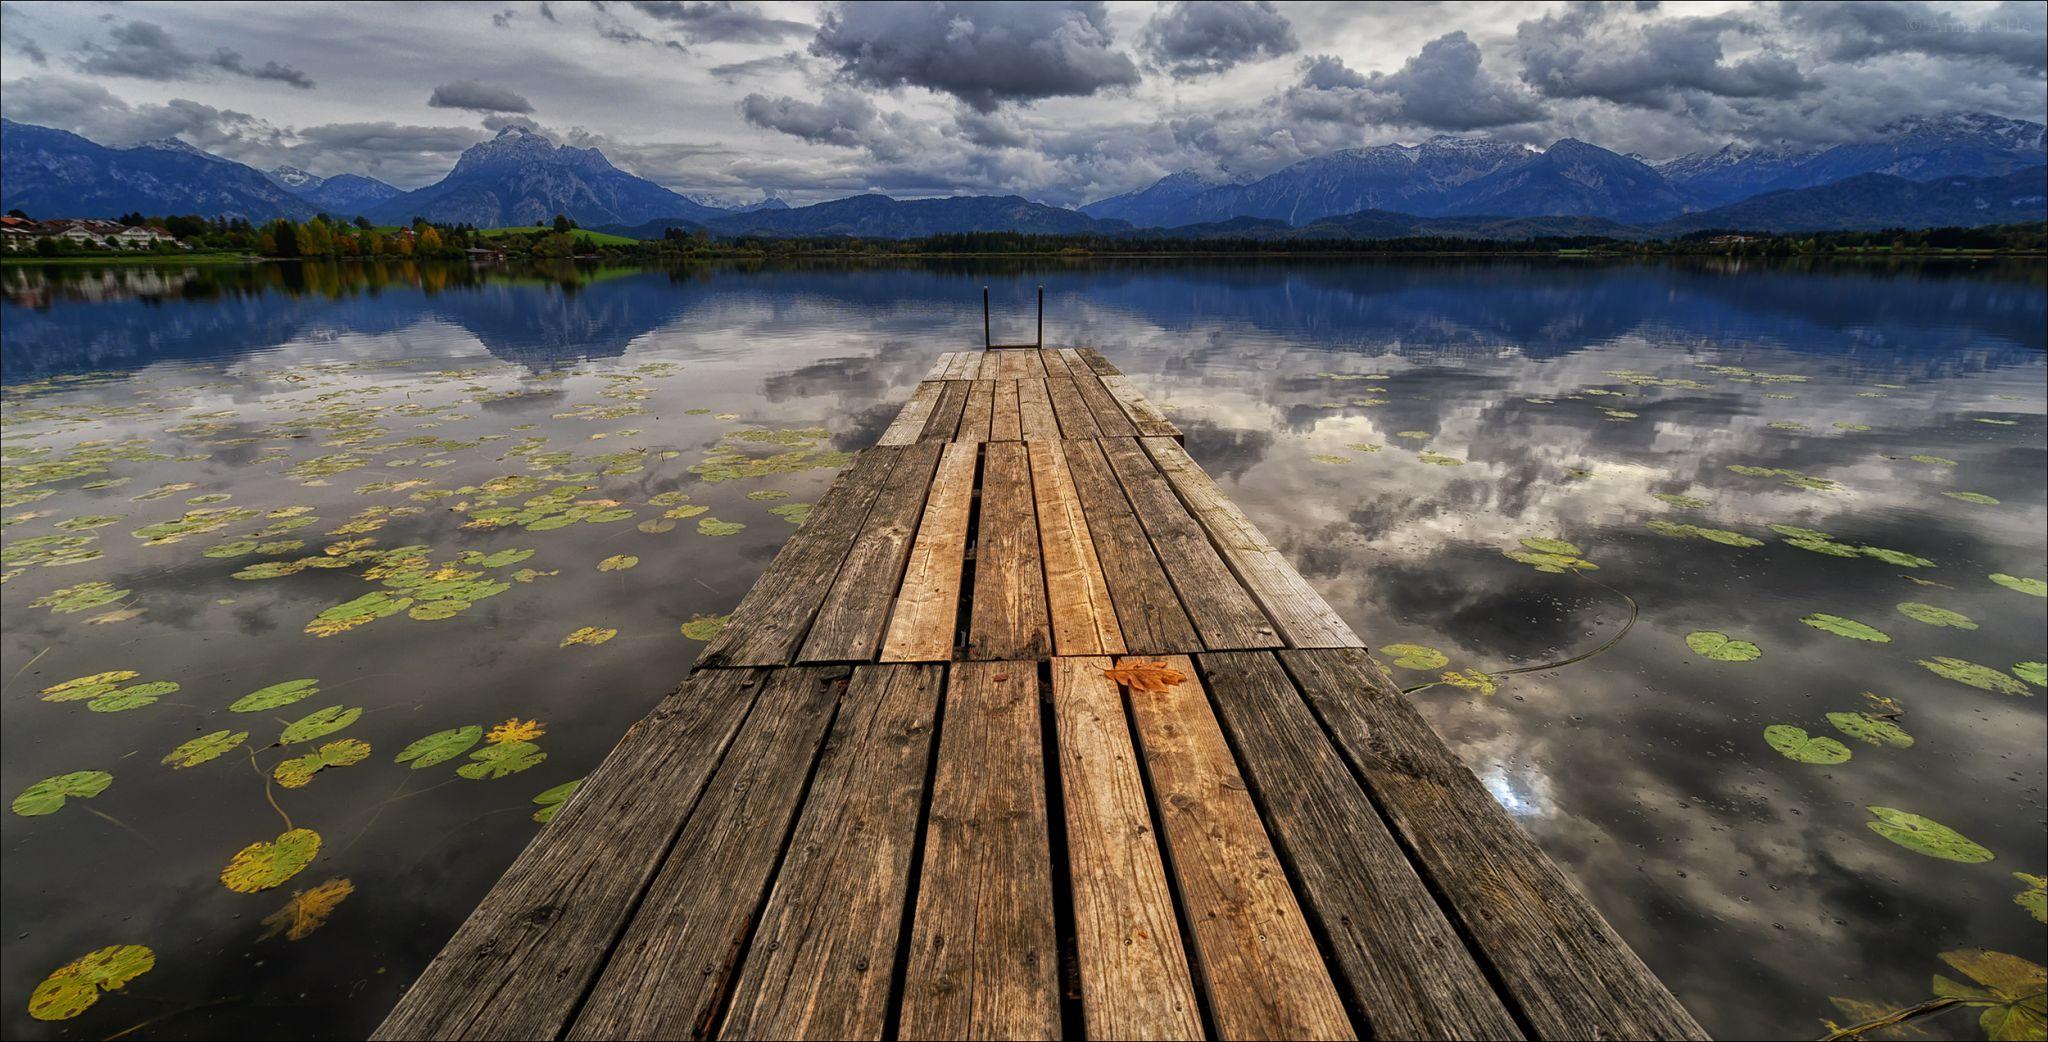 Hopfensee, Lake Hopfen, Germany